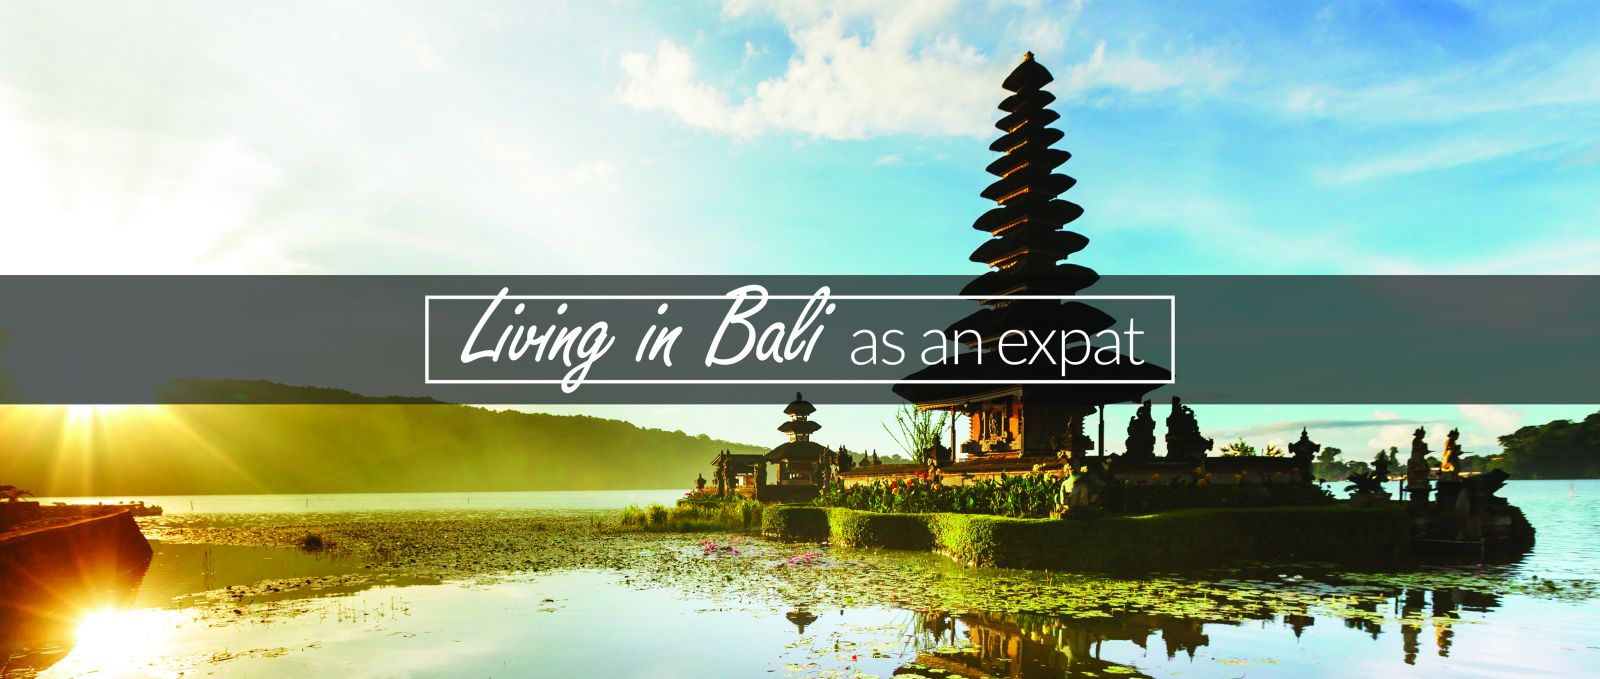 living in bali expat